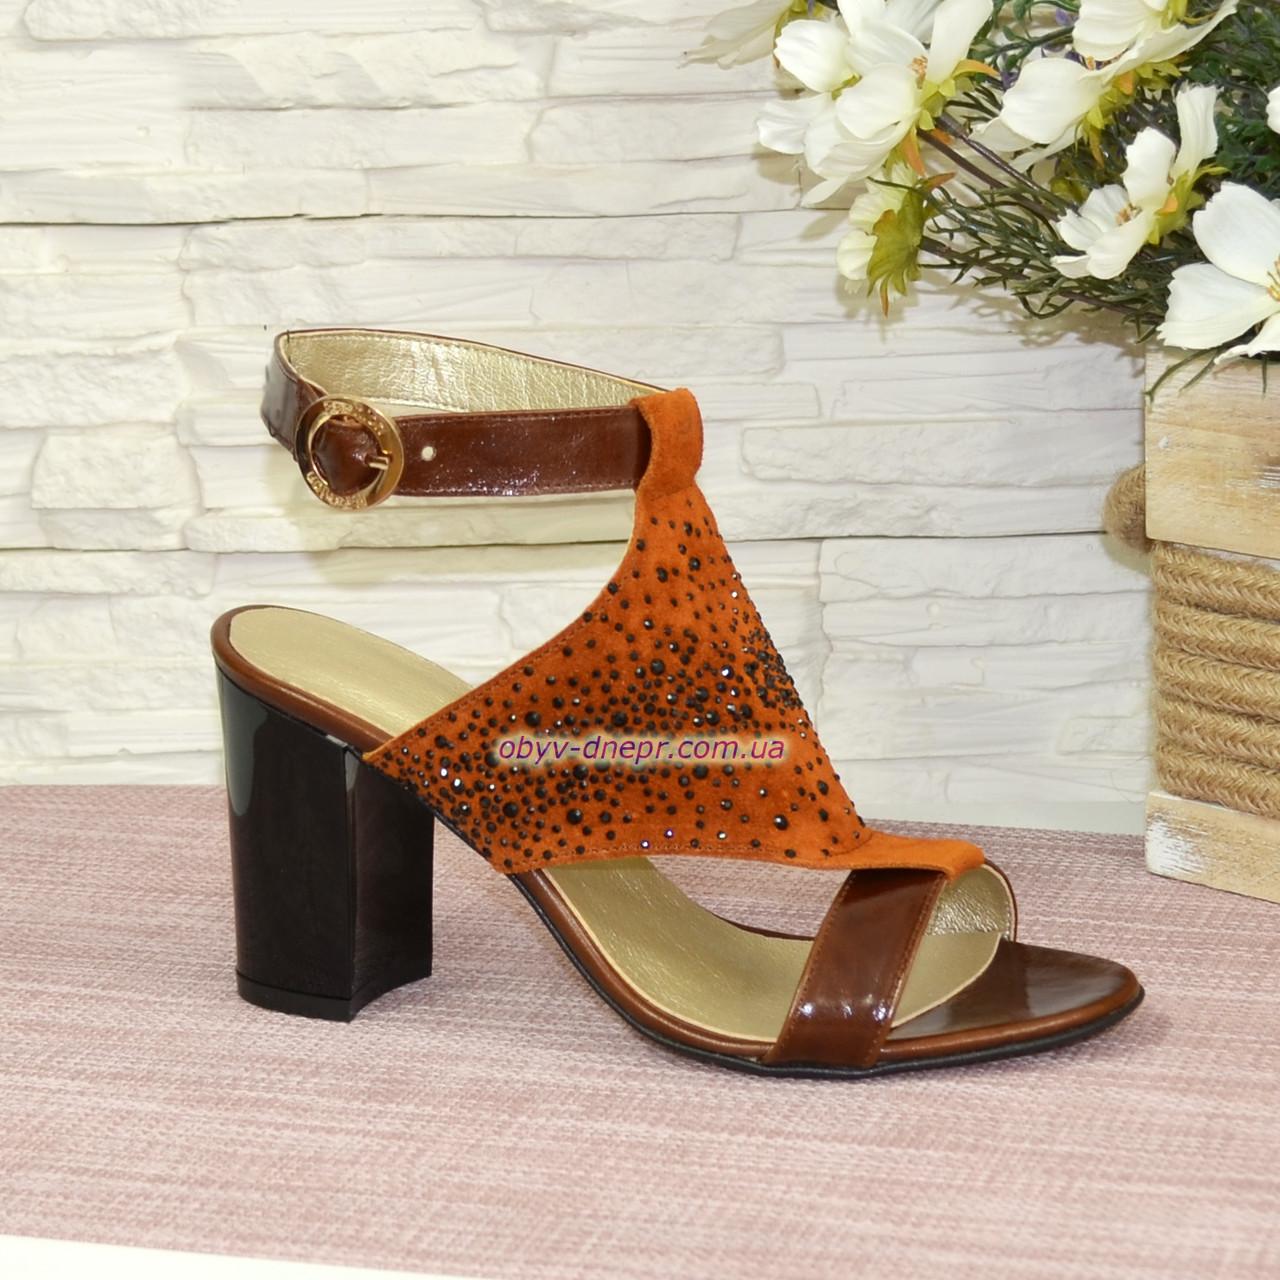 Босоножки женские комбинированные на высоком каблуке